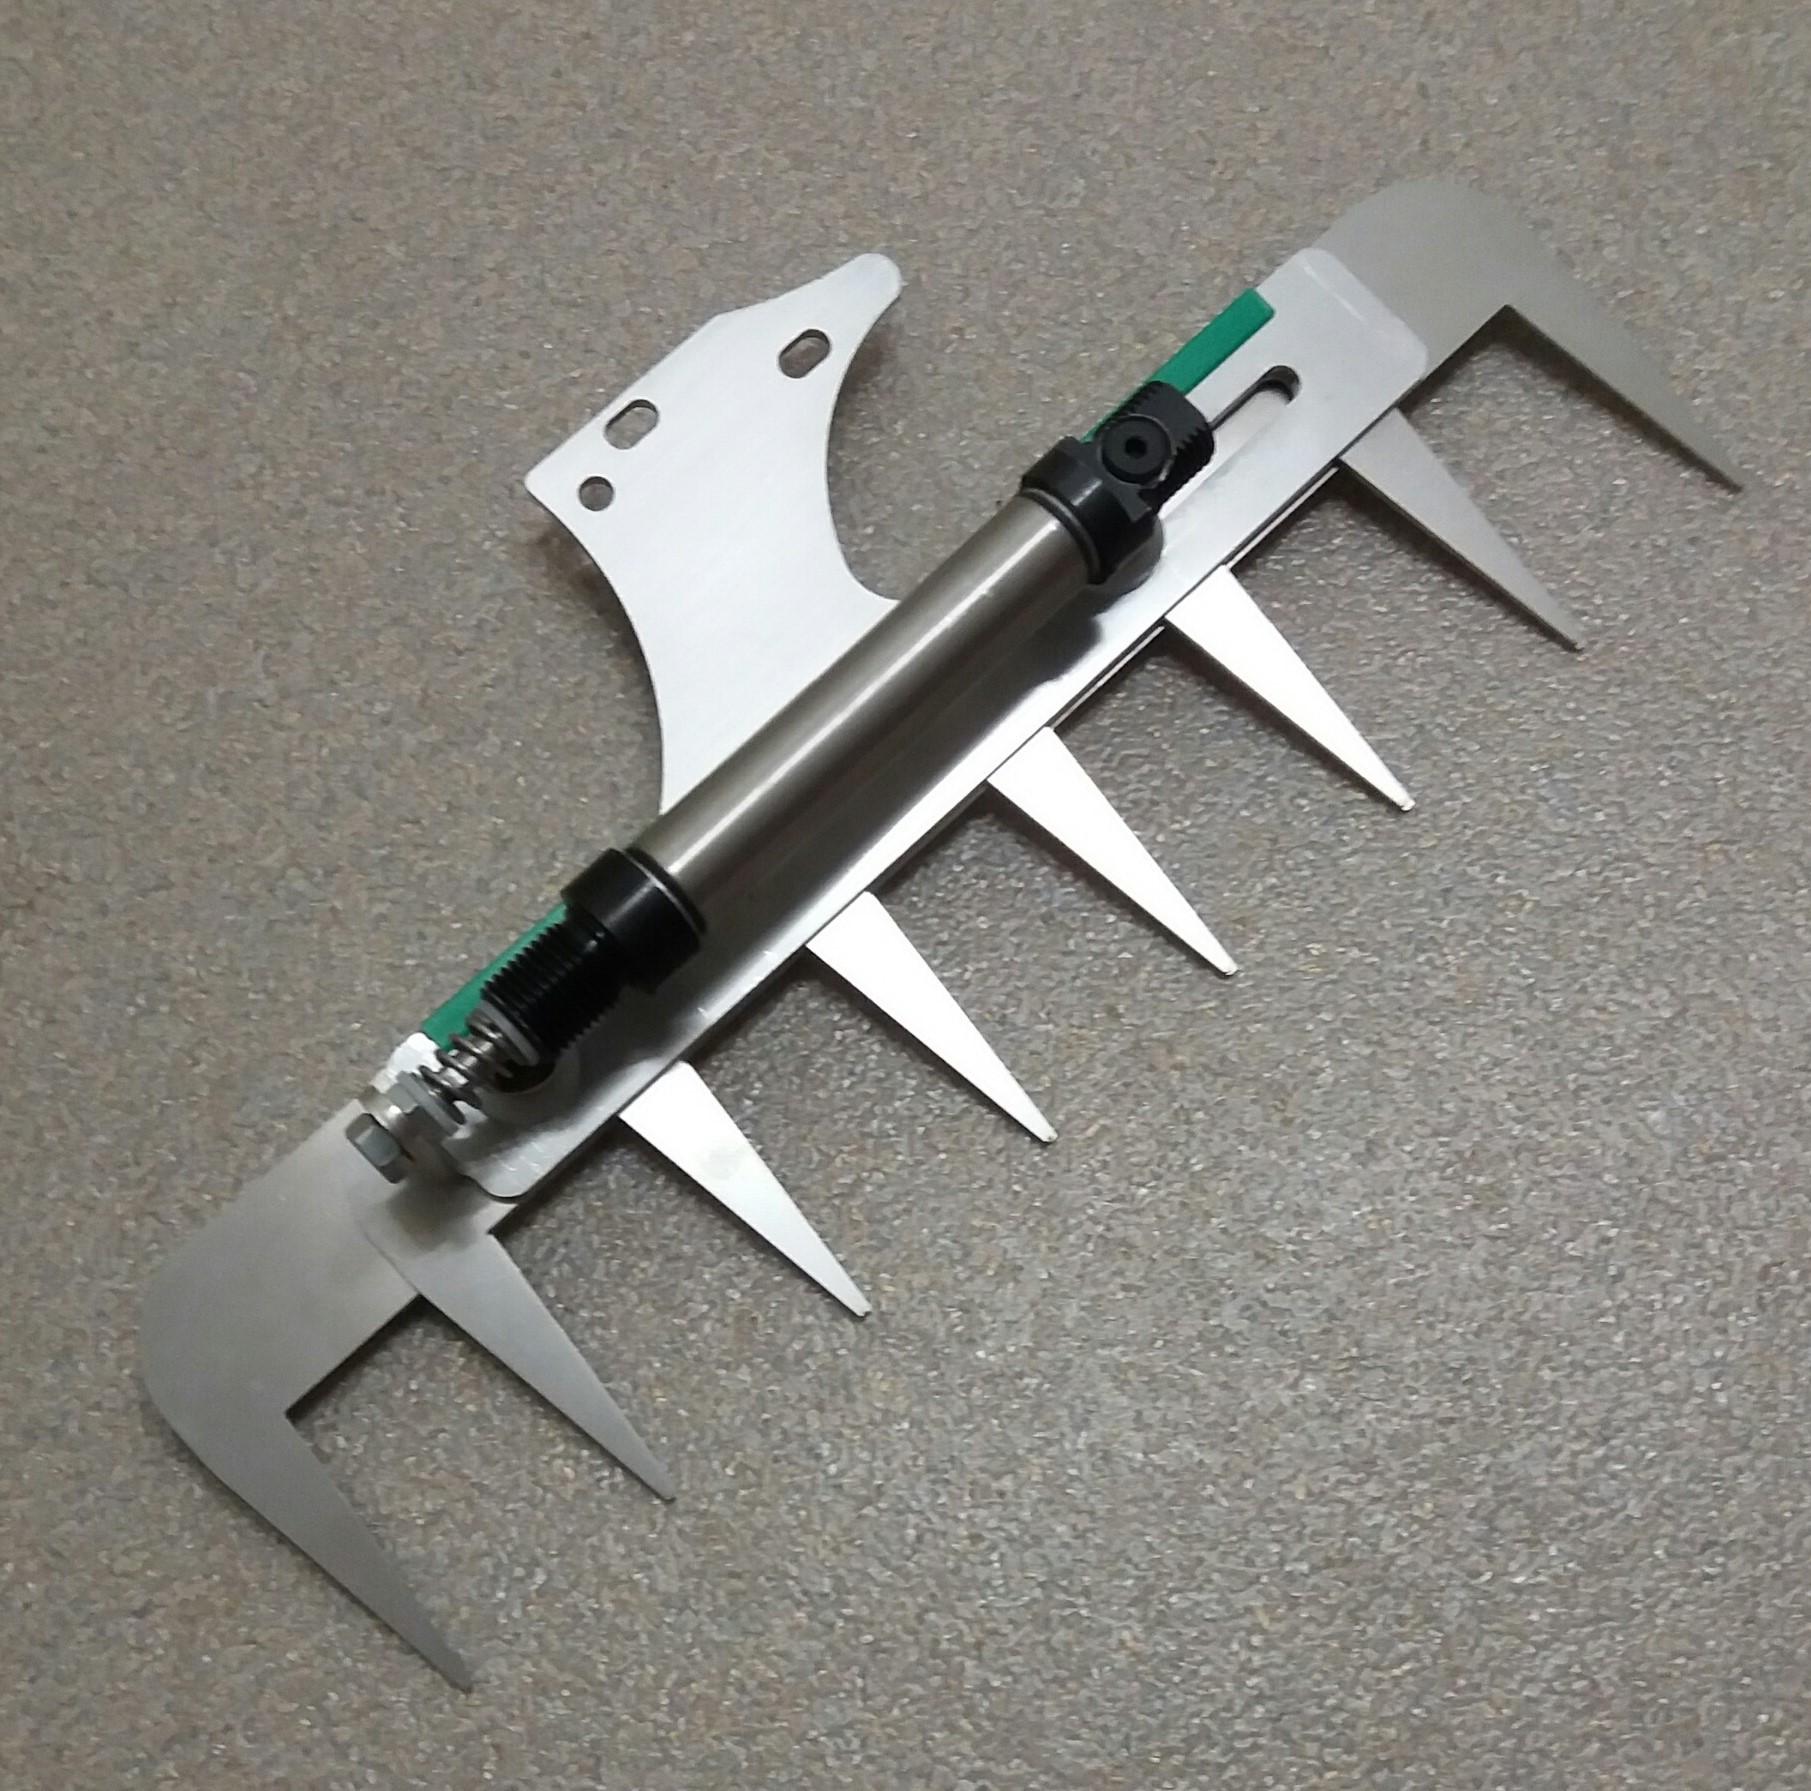 Patentschaar®  Kaak Knipmachine RVS 300 mm lang, steek 40 mm, 8 tanden